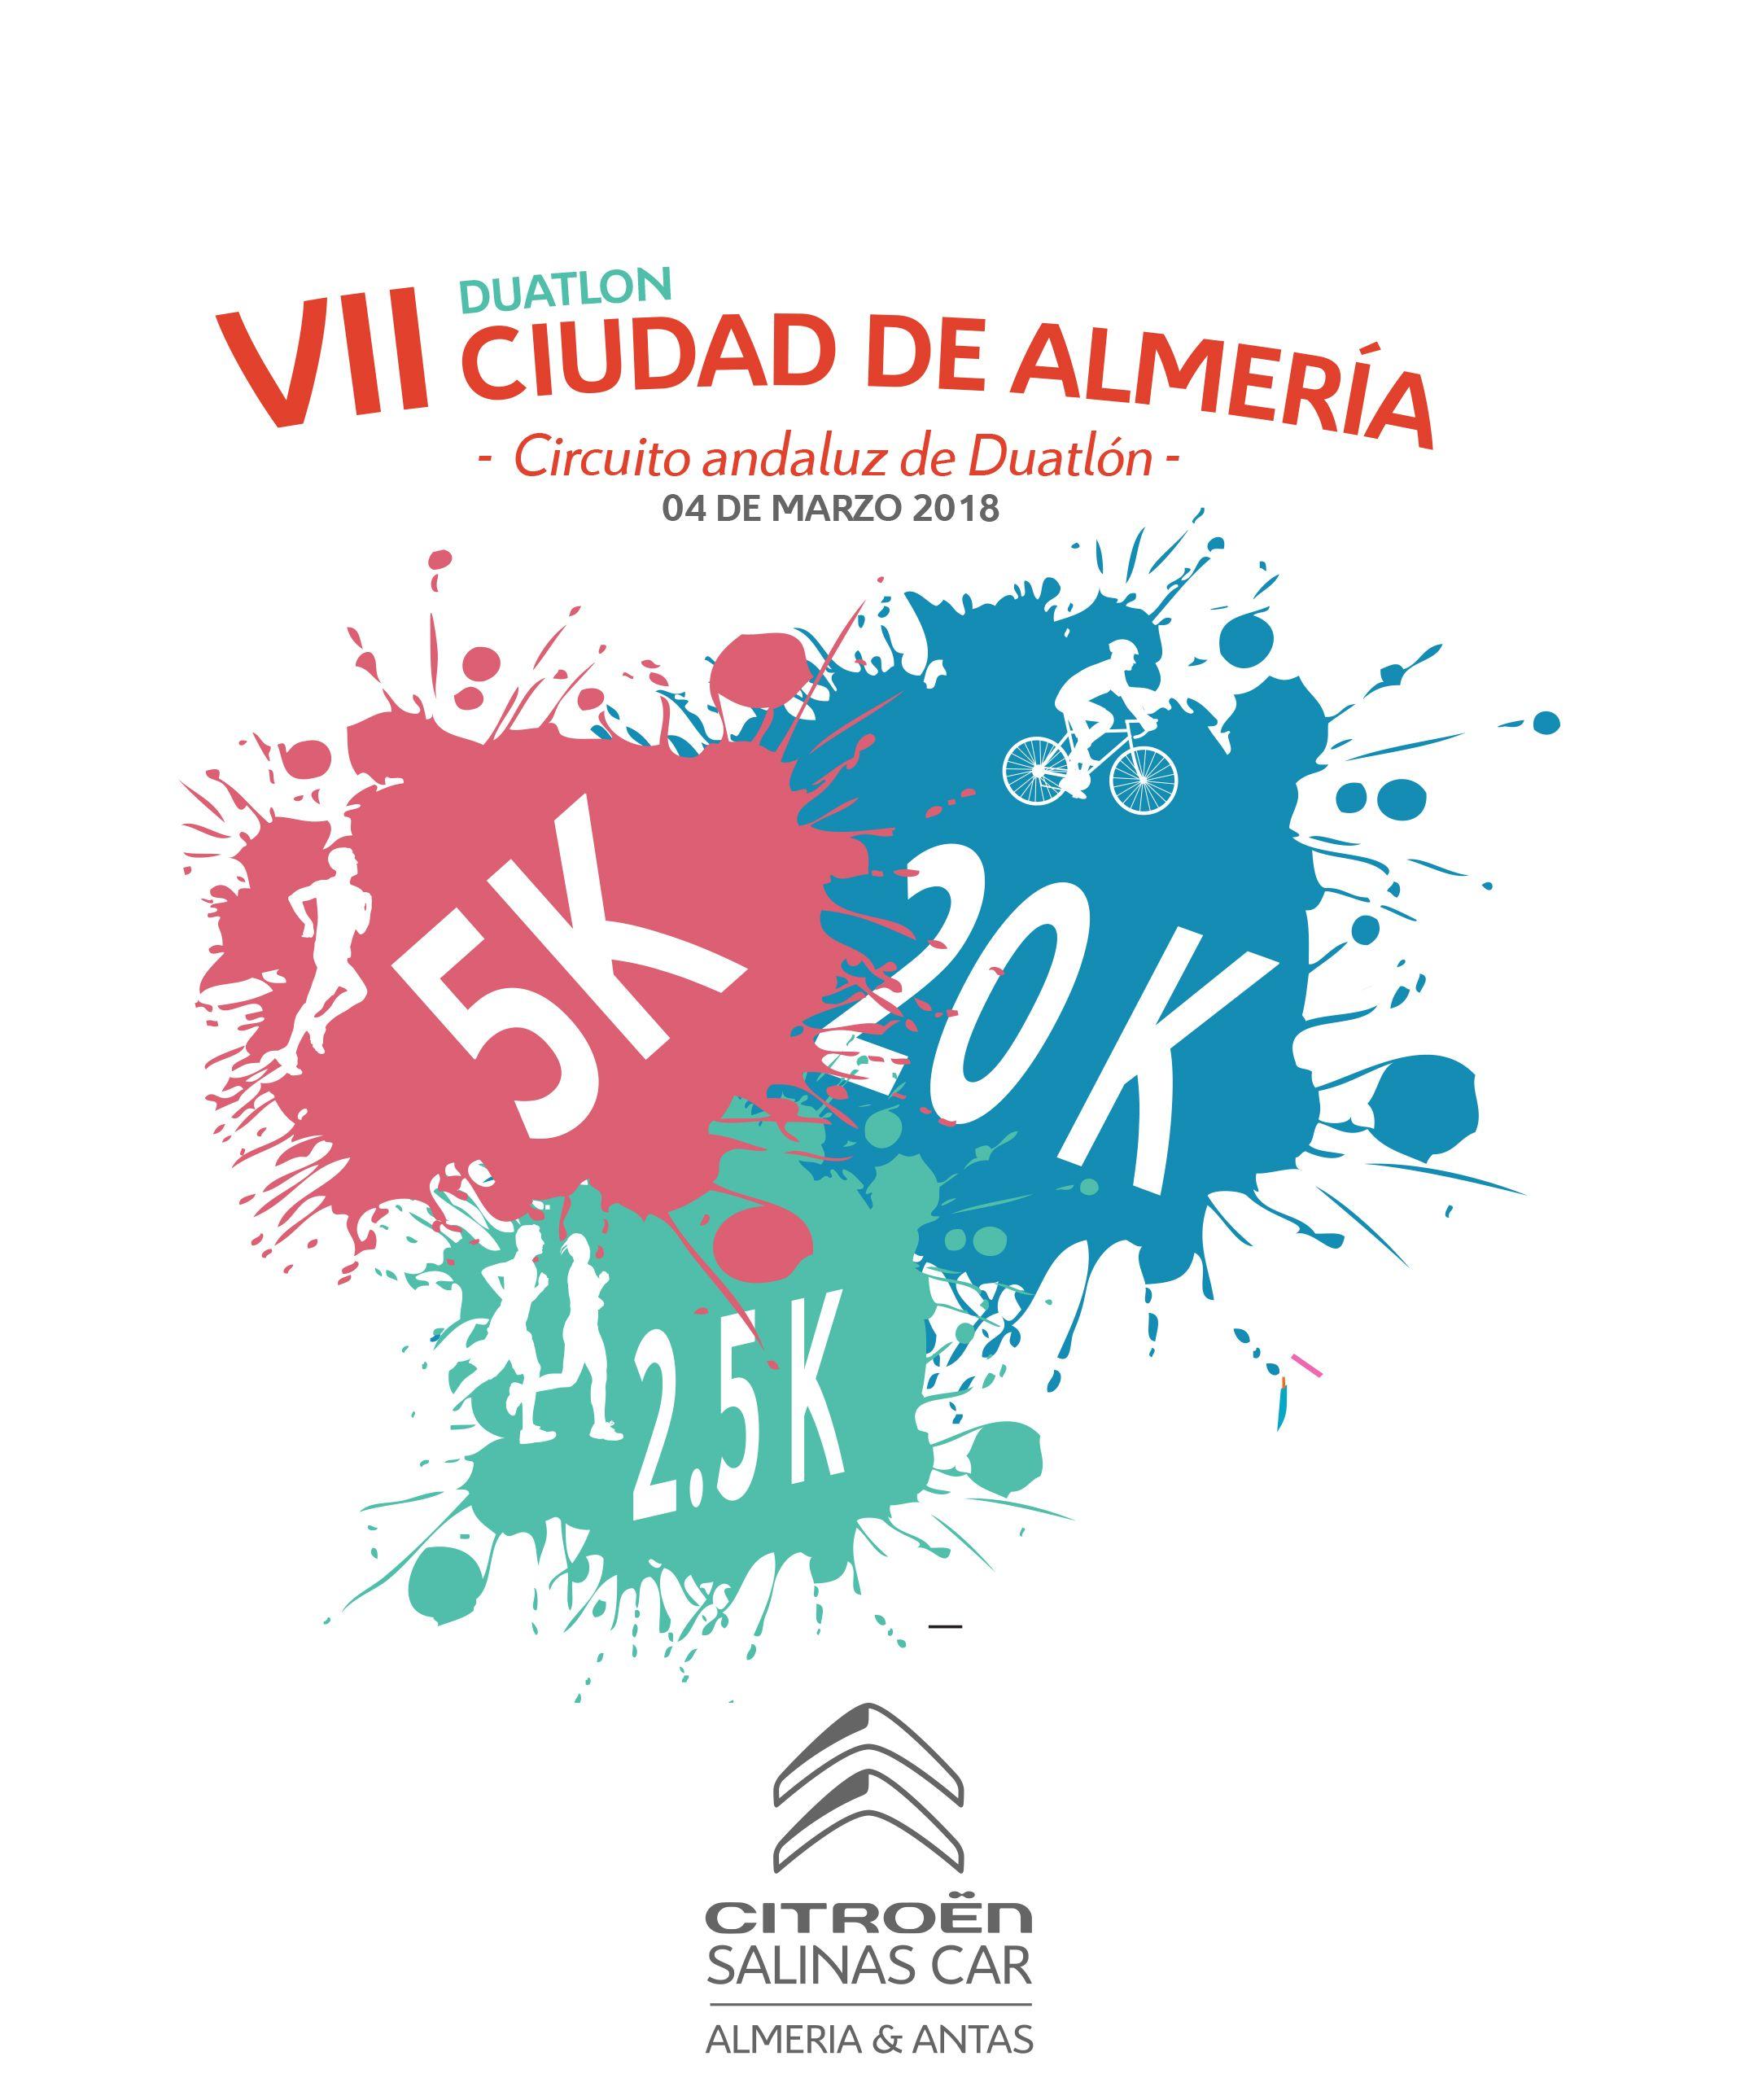 Citroën Salinas Car patrocinador oficial del VII Duatlón Ciudad de Almería